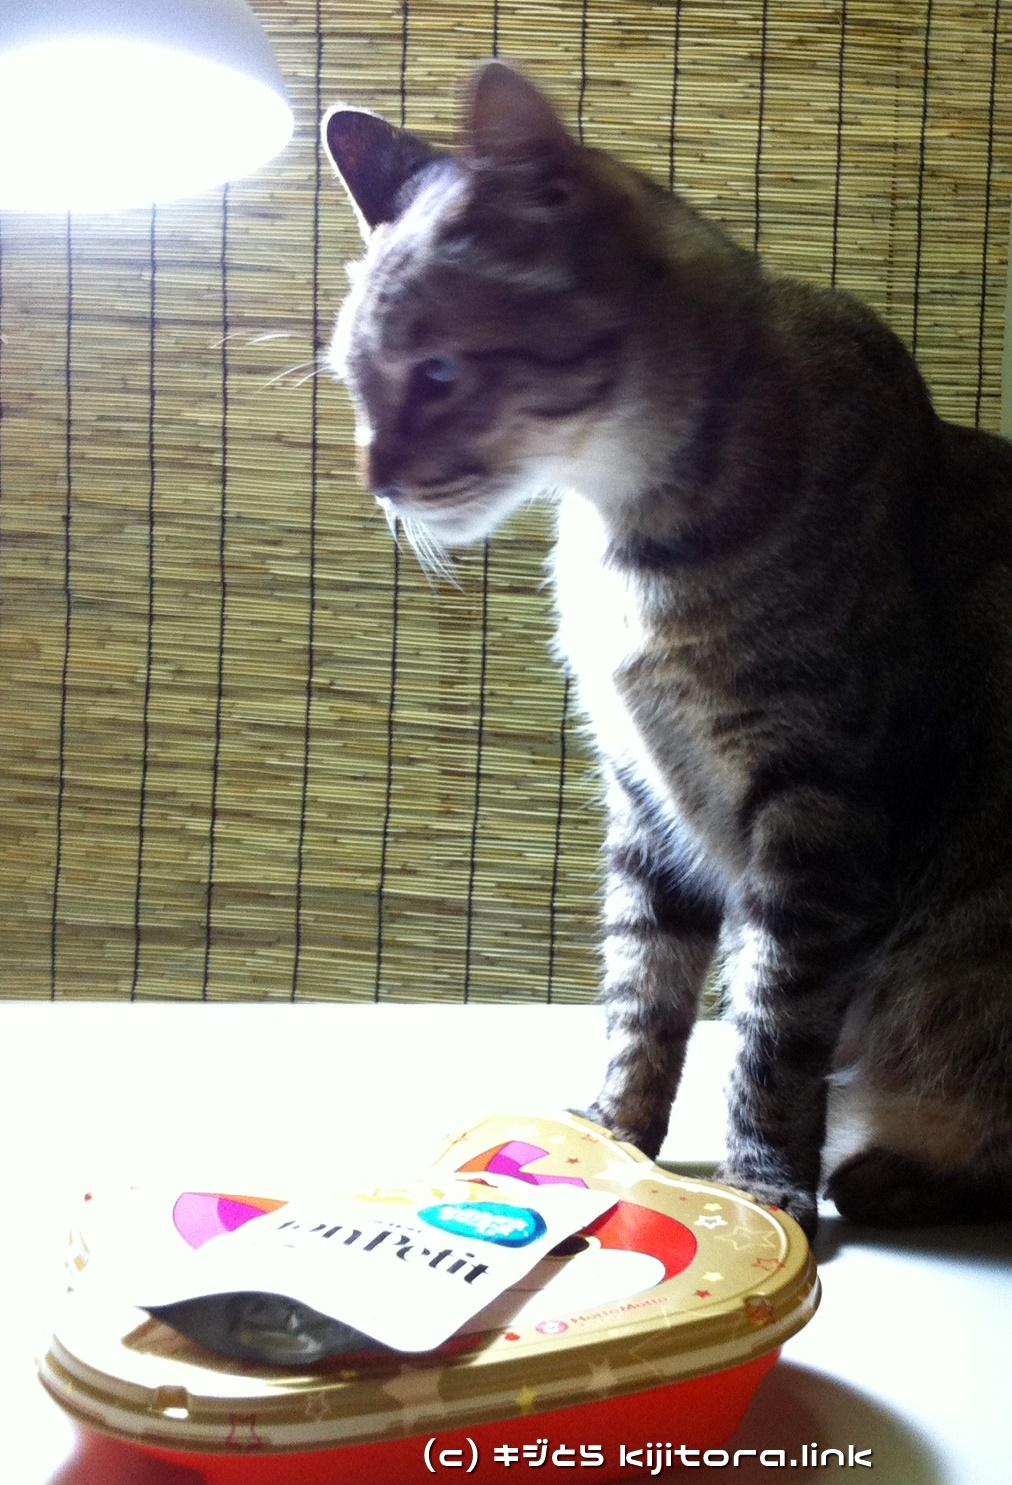 今夜の猫のご飯はジバニャン弁当ニャ♪(モンプチを見つめる猫)